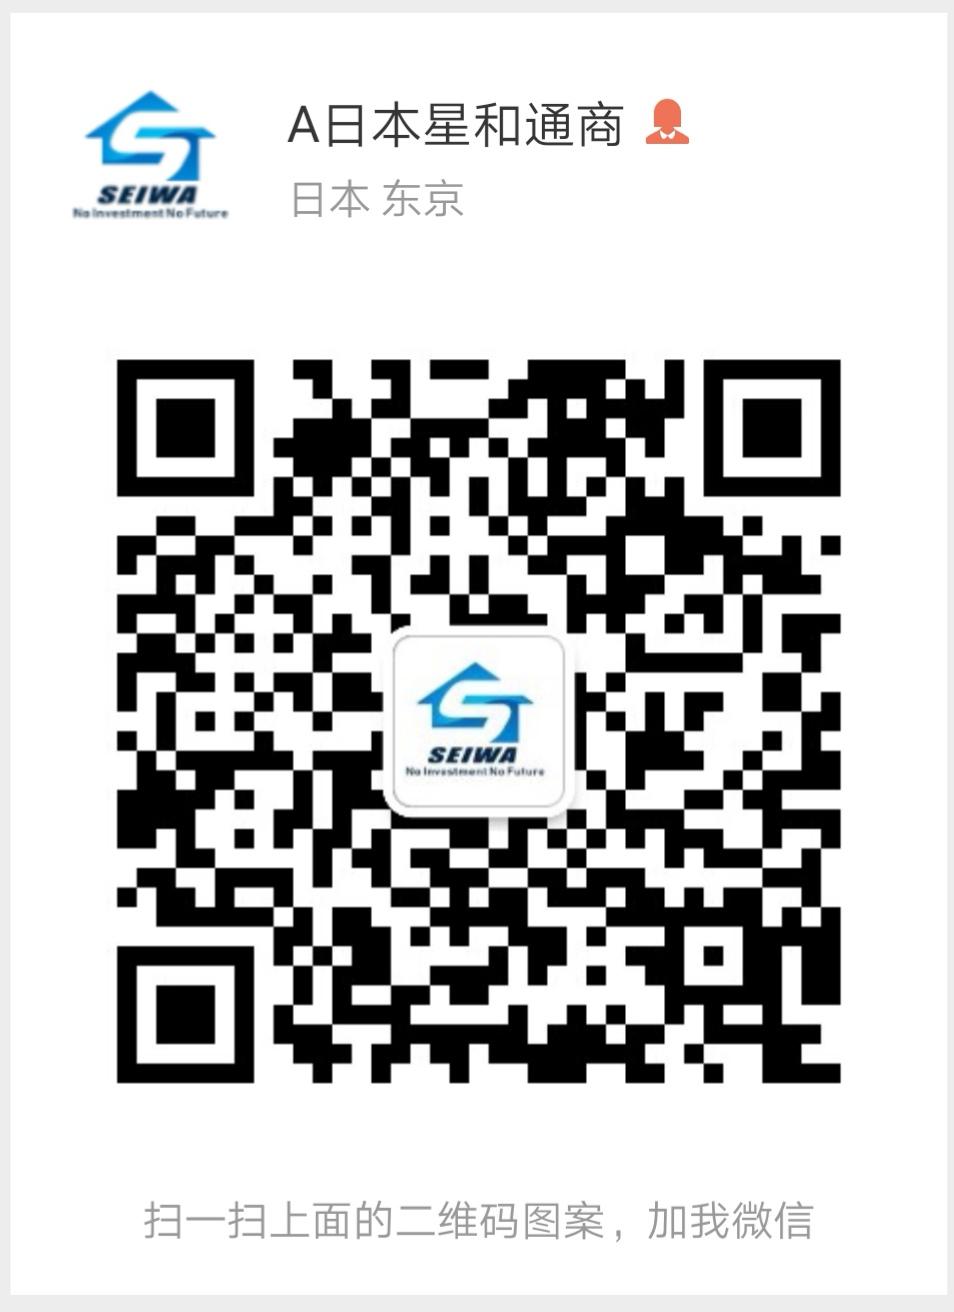 WeChat Image_20190504181848.jpg